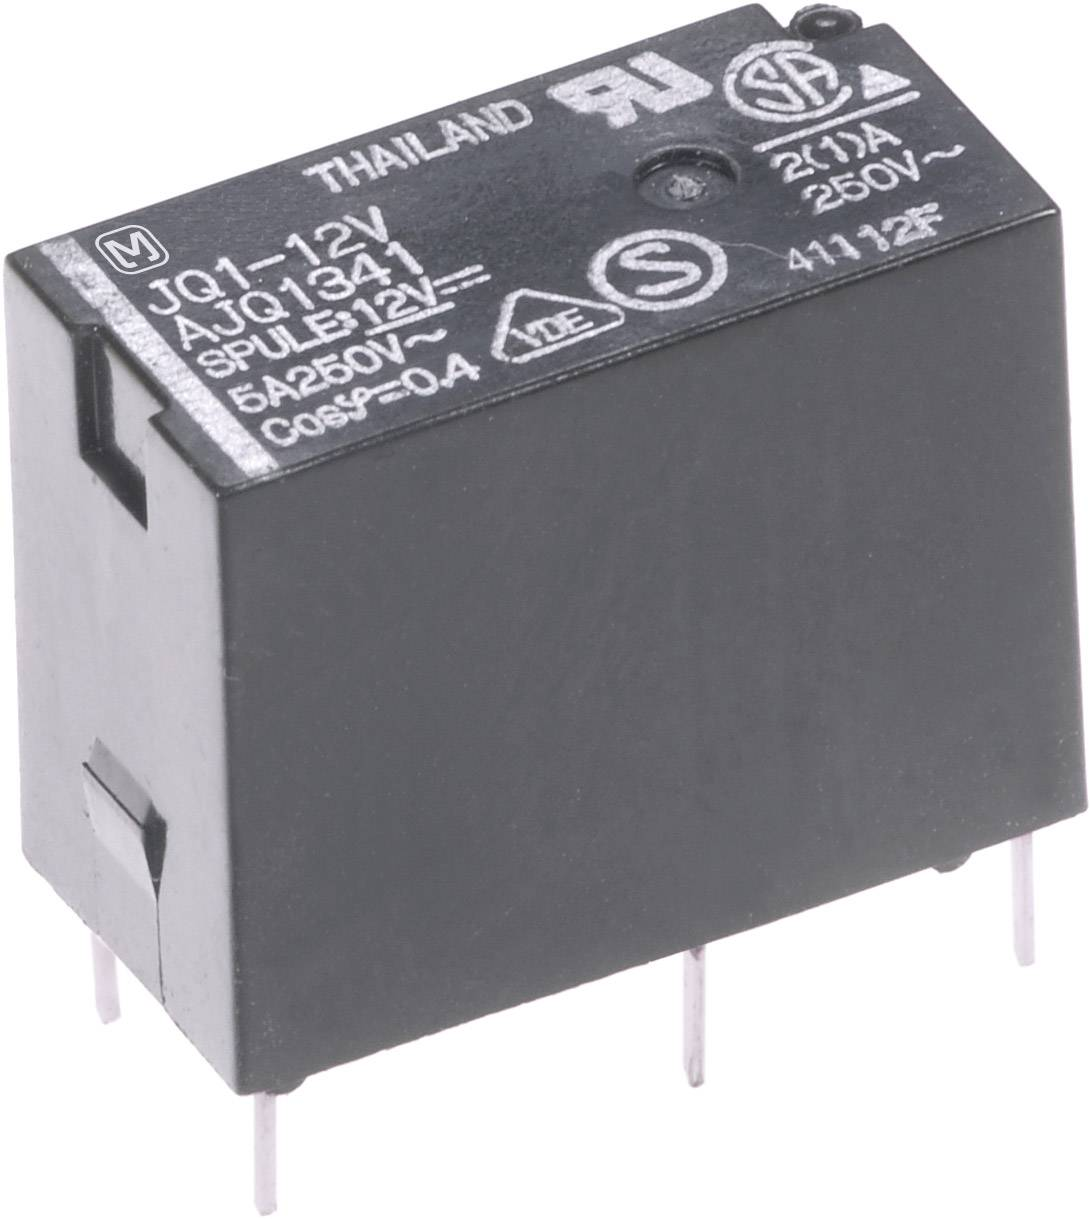 Výkonové relé JQ 5 A, Print Panasonic JQ1AB24F, JQ1AB24F, 200 mW, 5 A, 110 V/DC/250 V/AC 625 VA